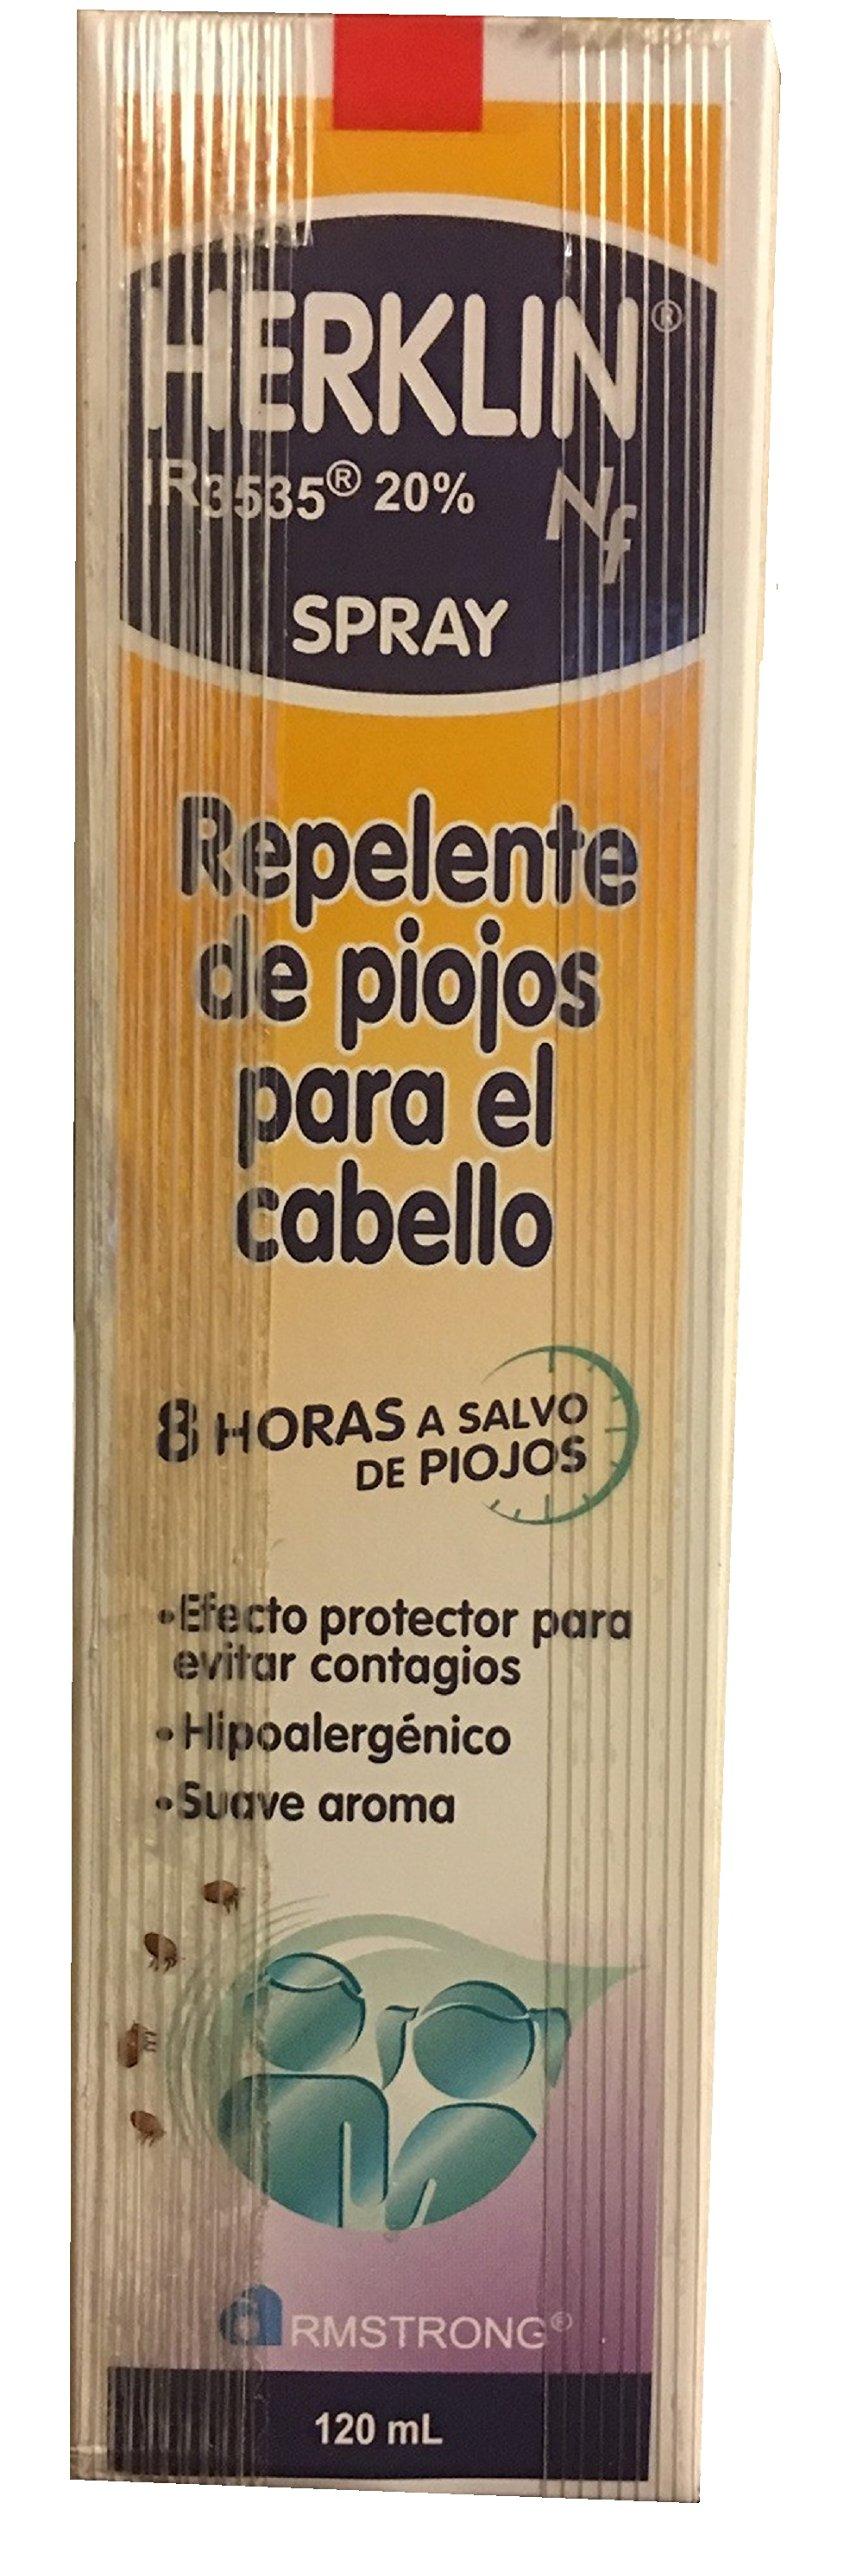 Herklin Repelente de piojos para el cabello/ Lice Repelent Spray by Armstrong